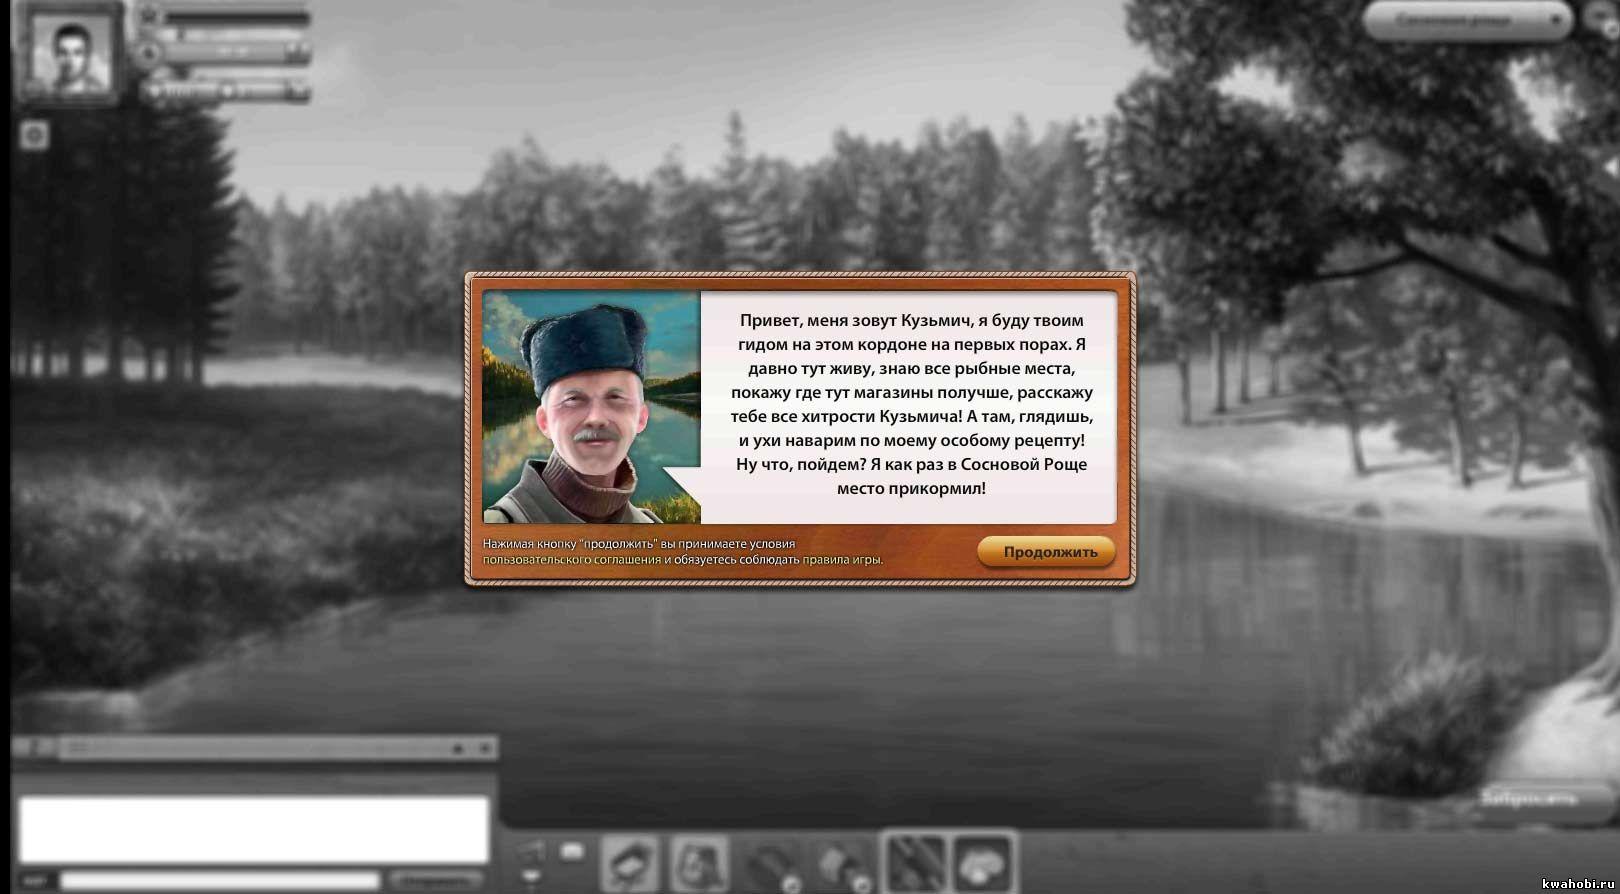 Кузьмич в игре Рыбное место2